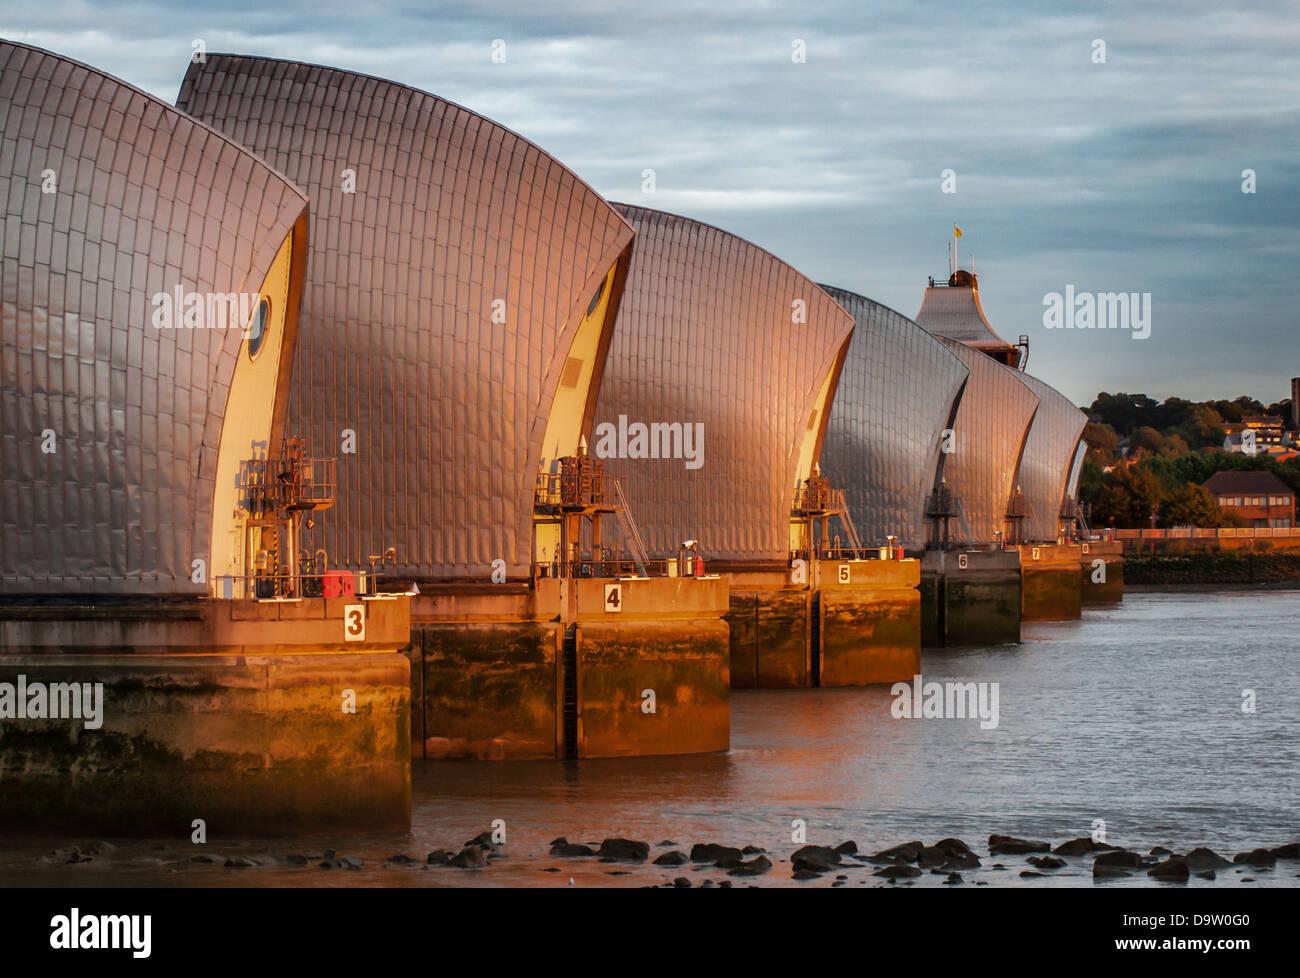 La rivière Thames Flood Barrier à Londres, en Angleterre. Photo Stock